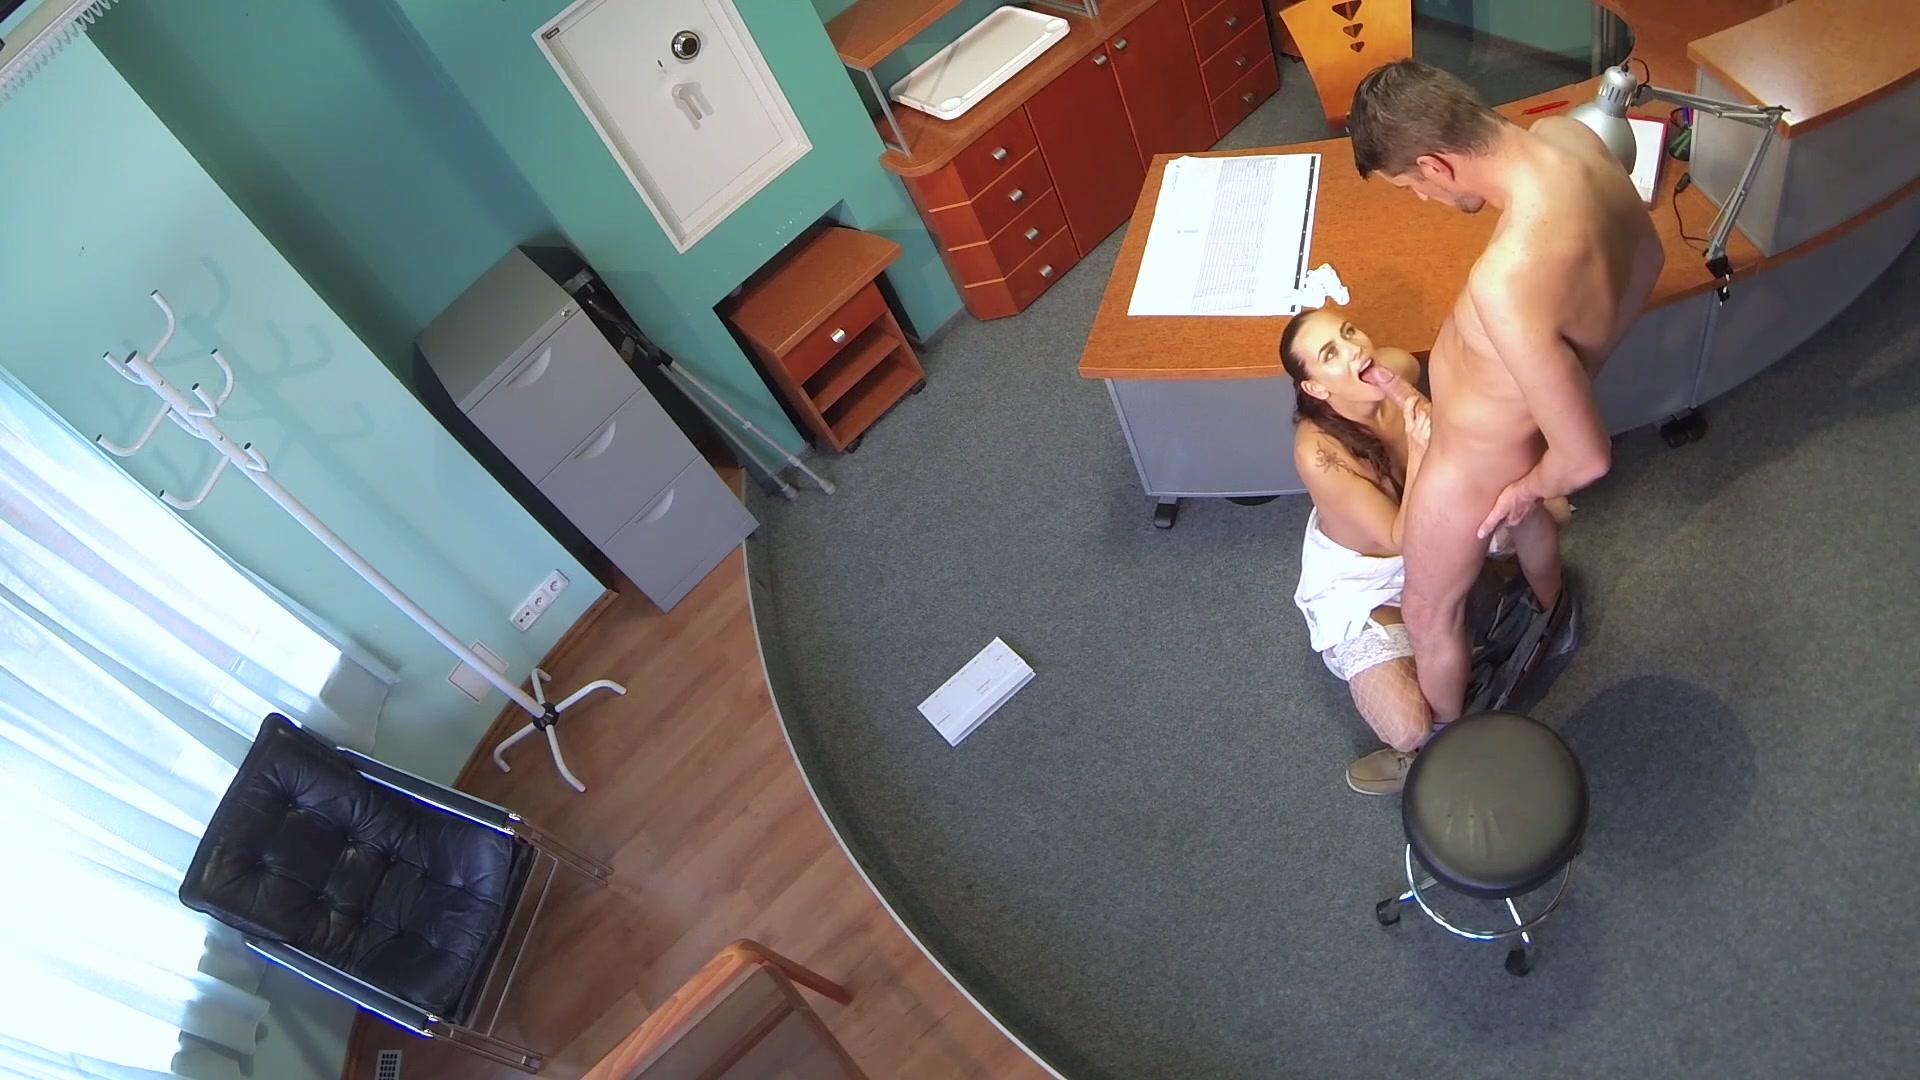 Nervous girl peeing panties in waiting room